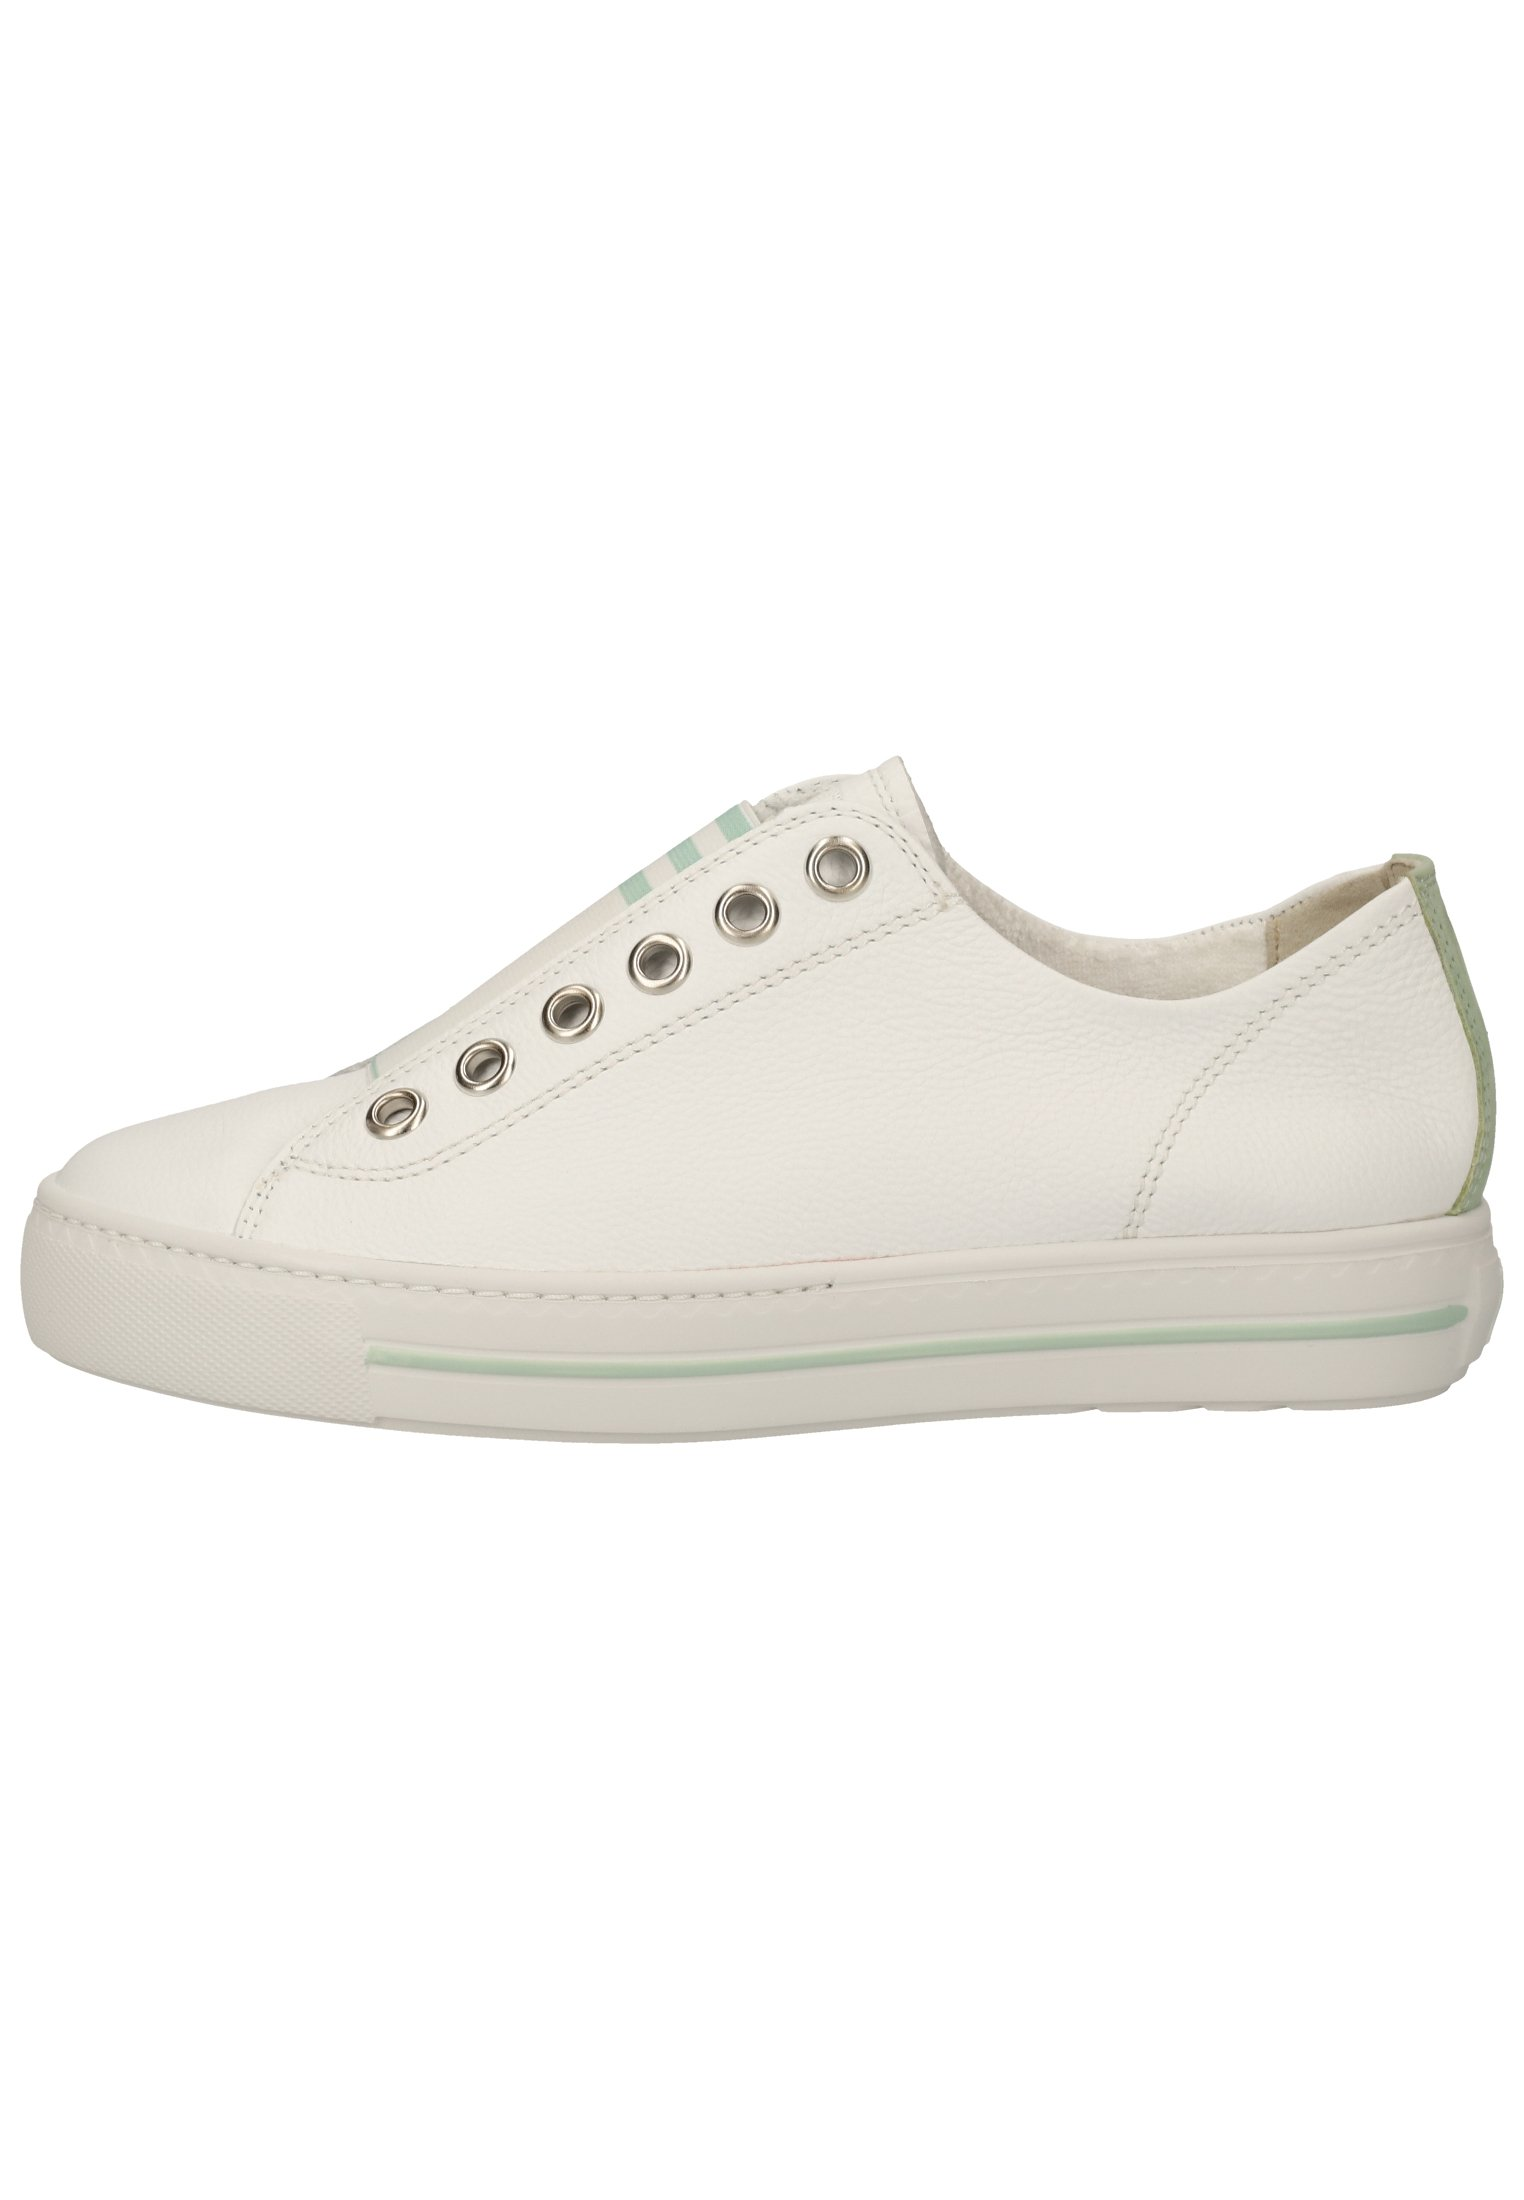 Femme Baskets basses - weiß/mint